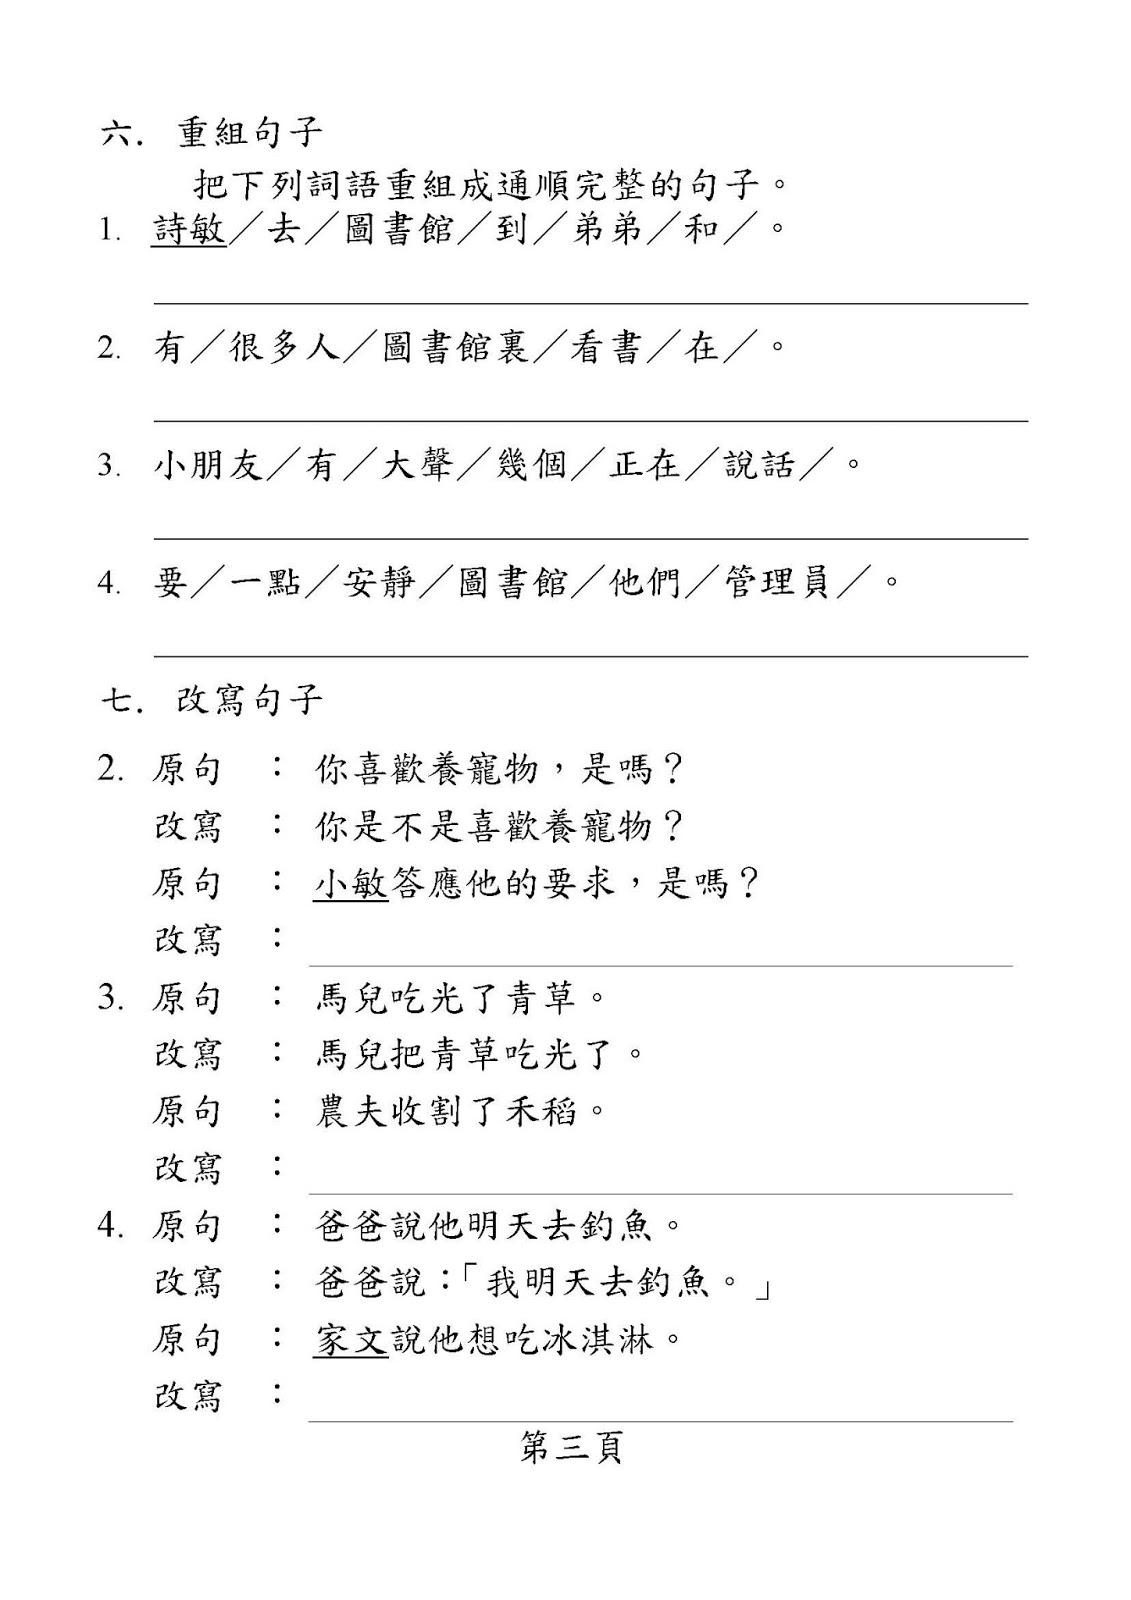 MaMa Resources: 小二中文科溫習工作紙